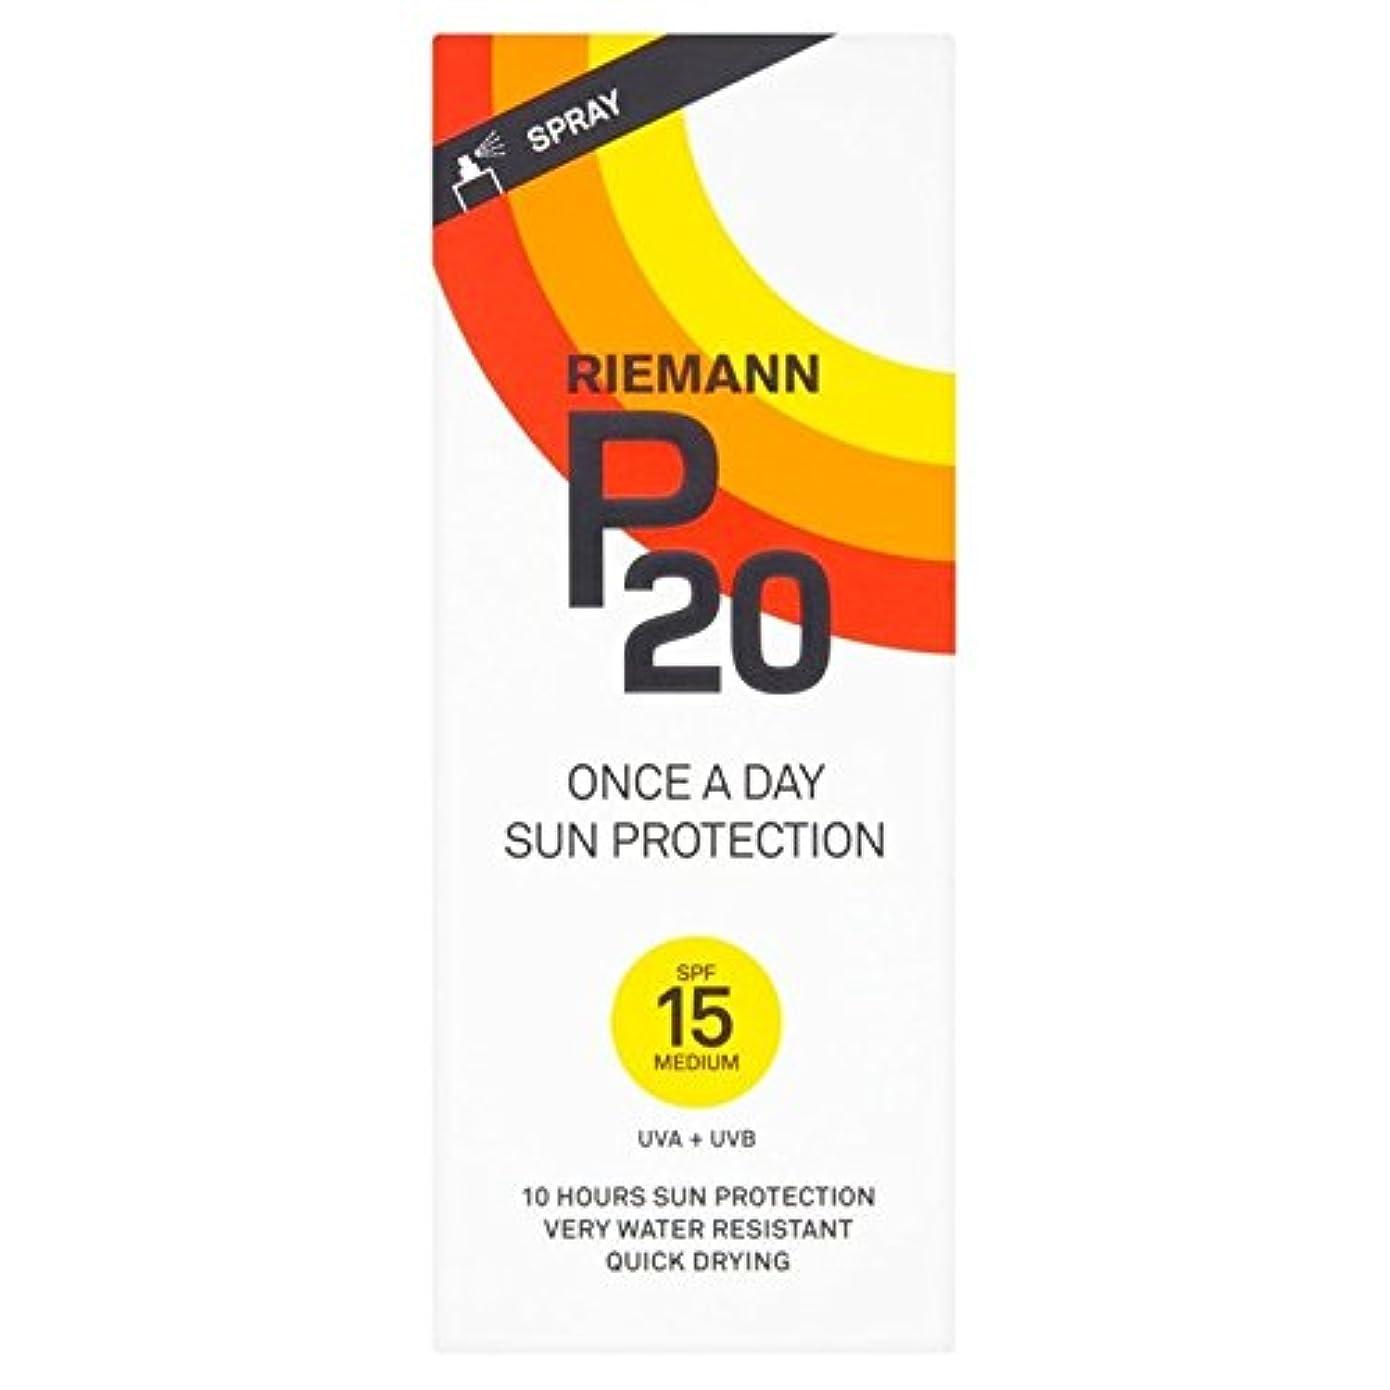 ミニ地平線裁判所Riemann P20 SPF15 1 Day/10 Hour Protection 200ml (Pack of 6) - リーマン20 15 1日/ 10時間の保護200ミリリットル x6 [並行輸入品]